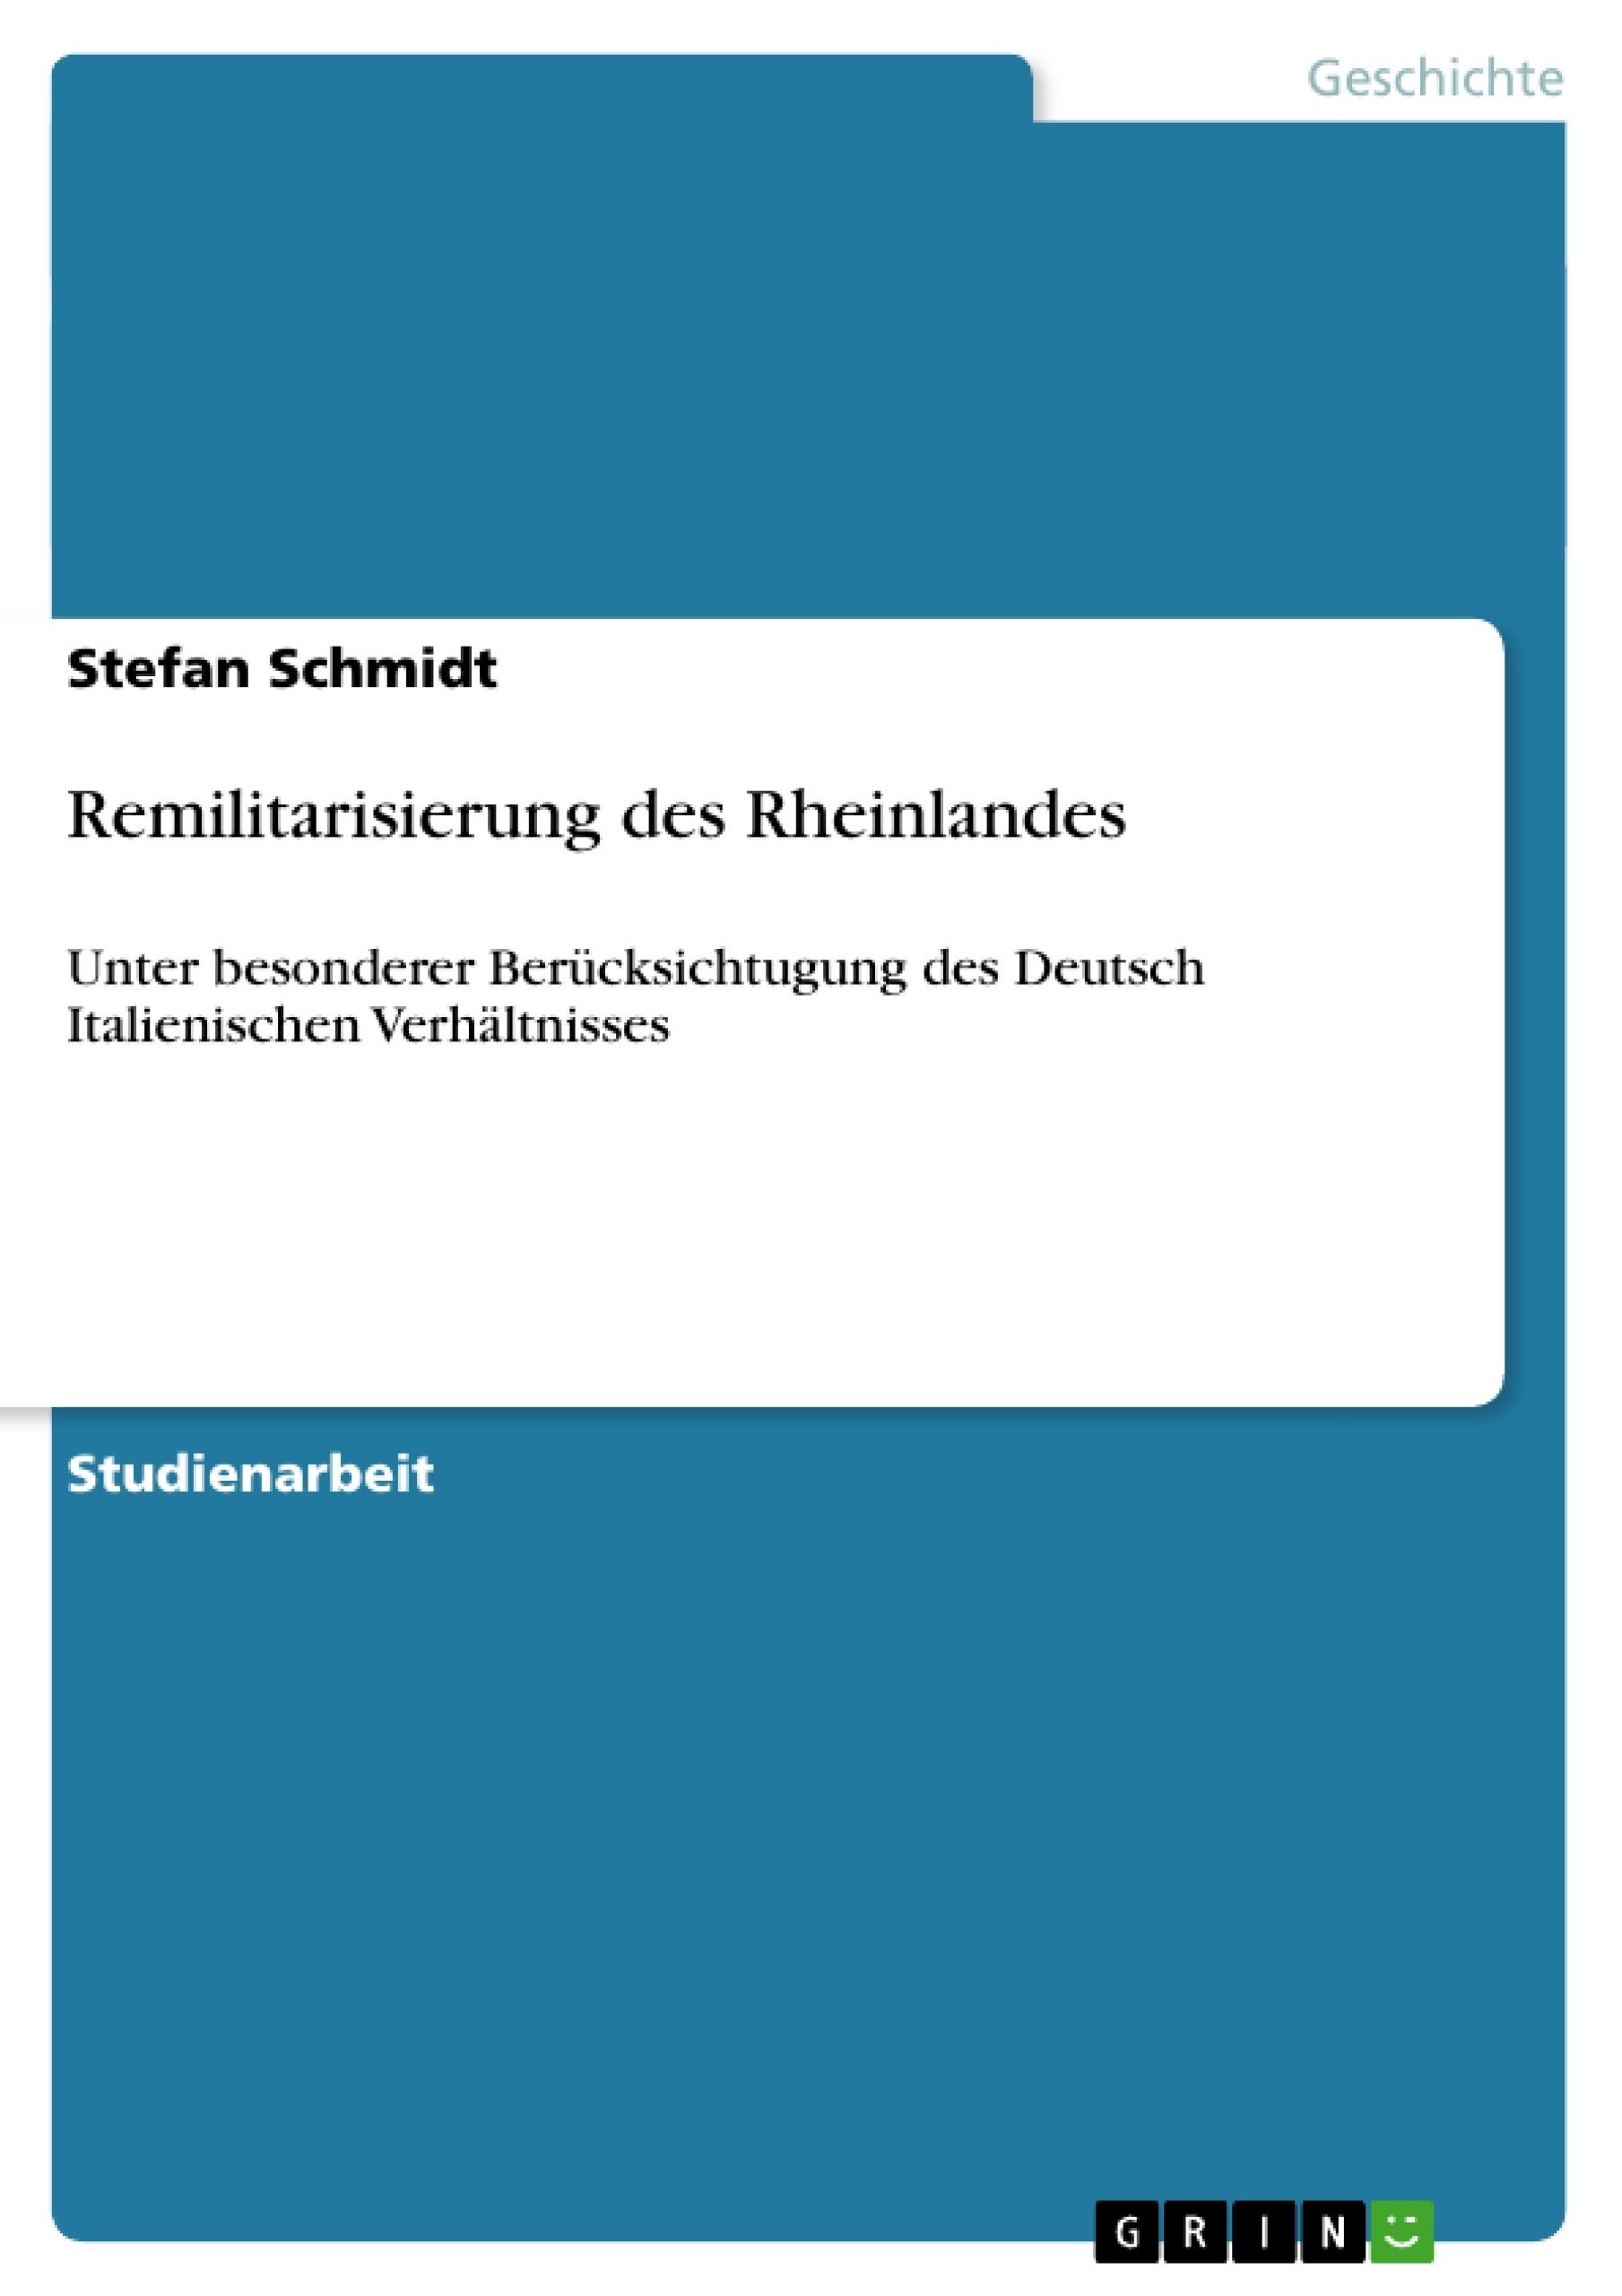 Titel: Remilitarisierung des Rheinlandes